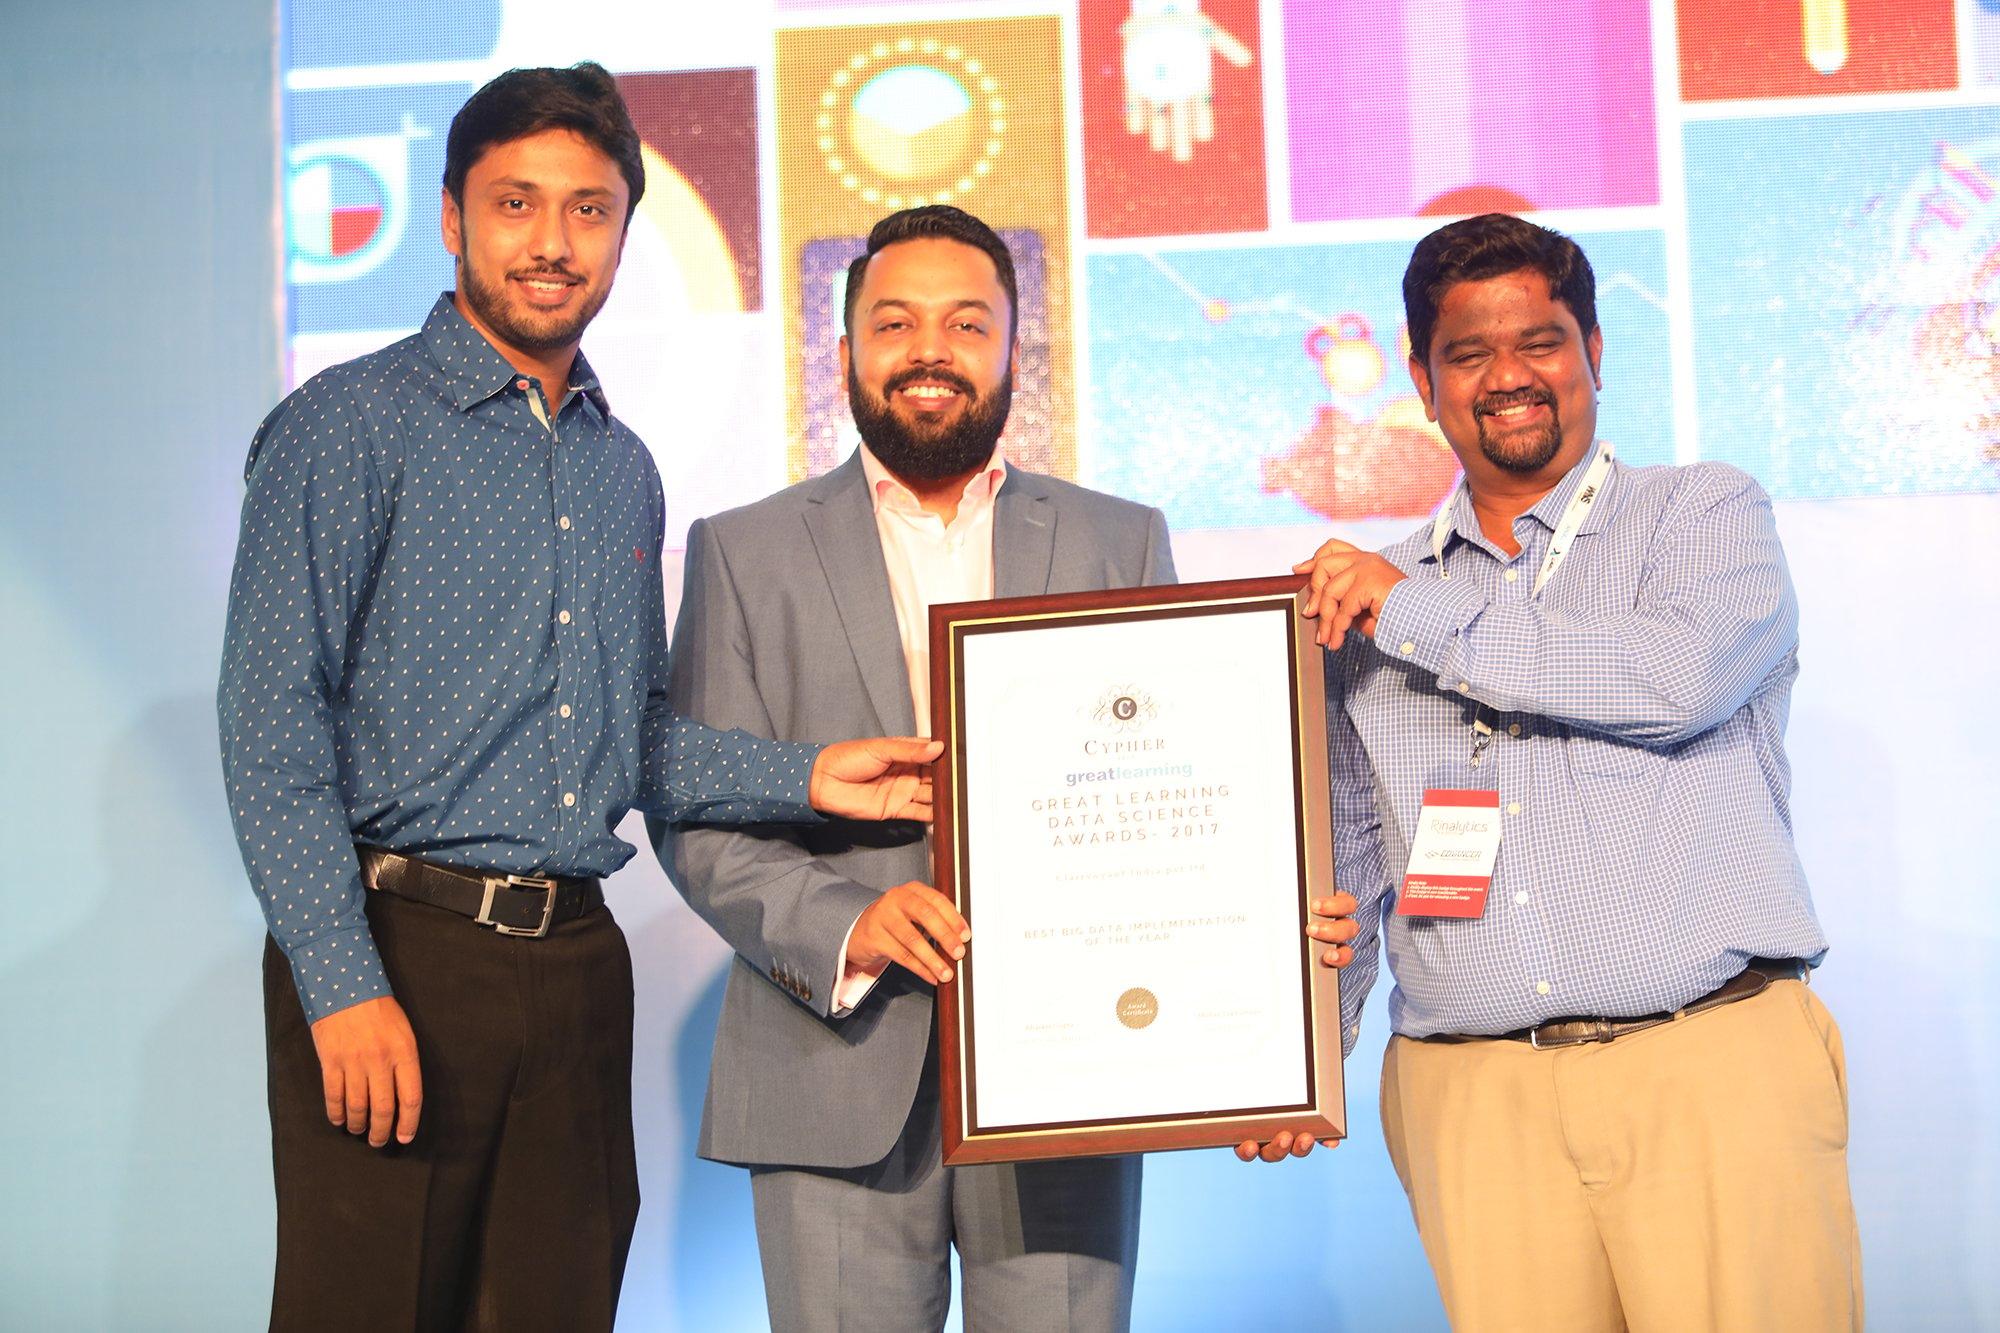 cv-india-award-detail